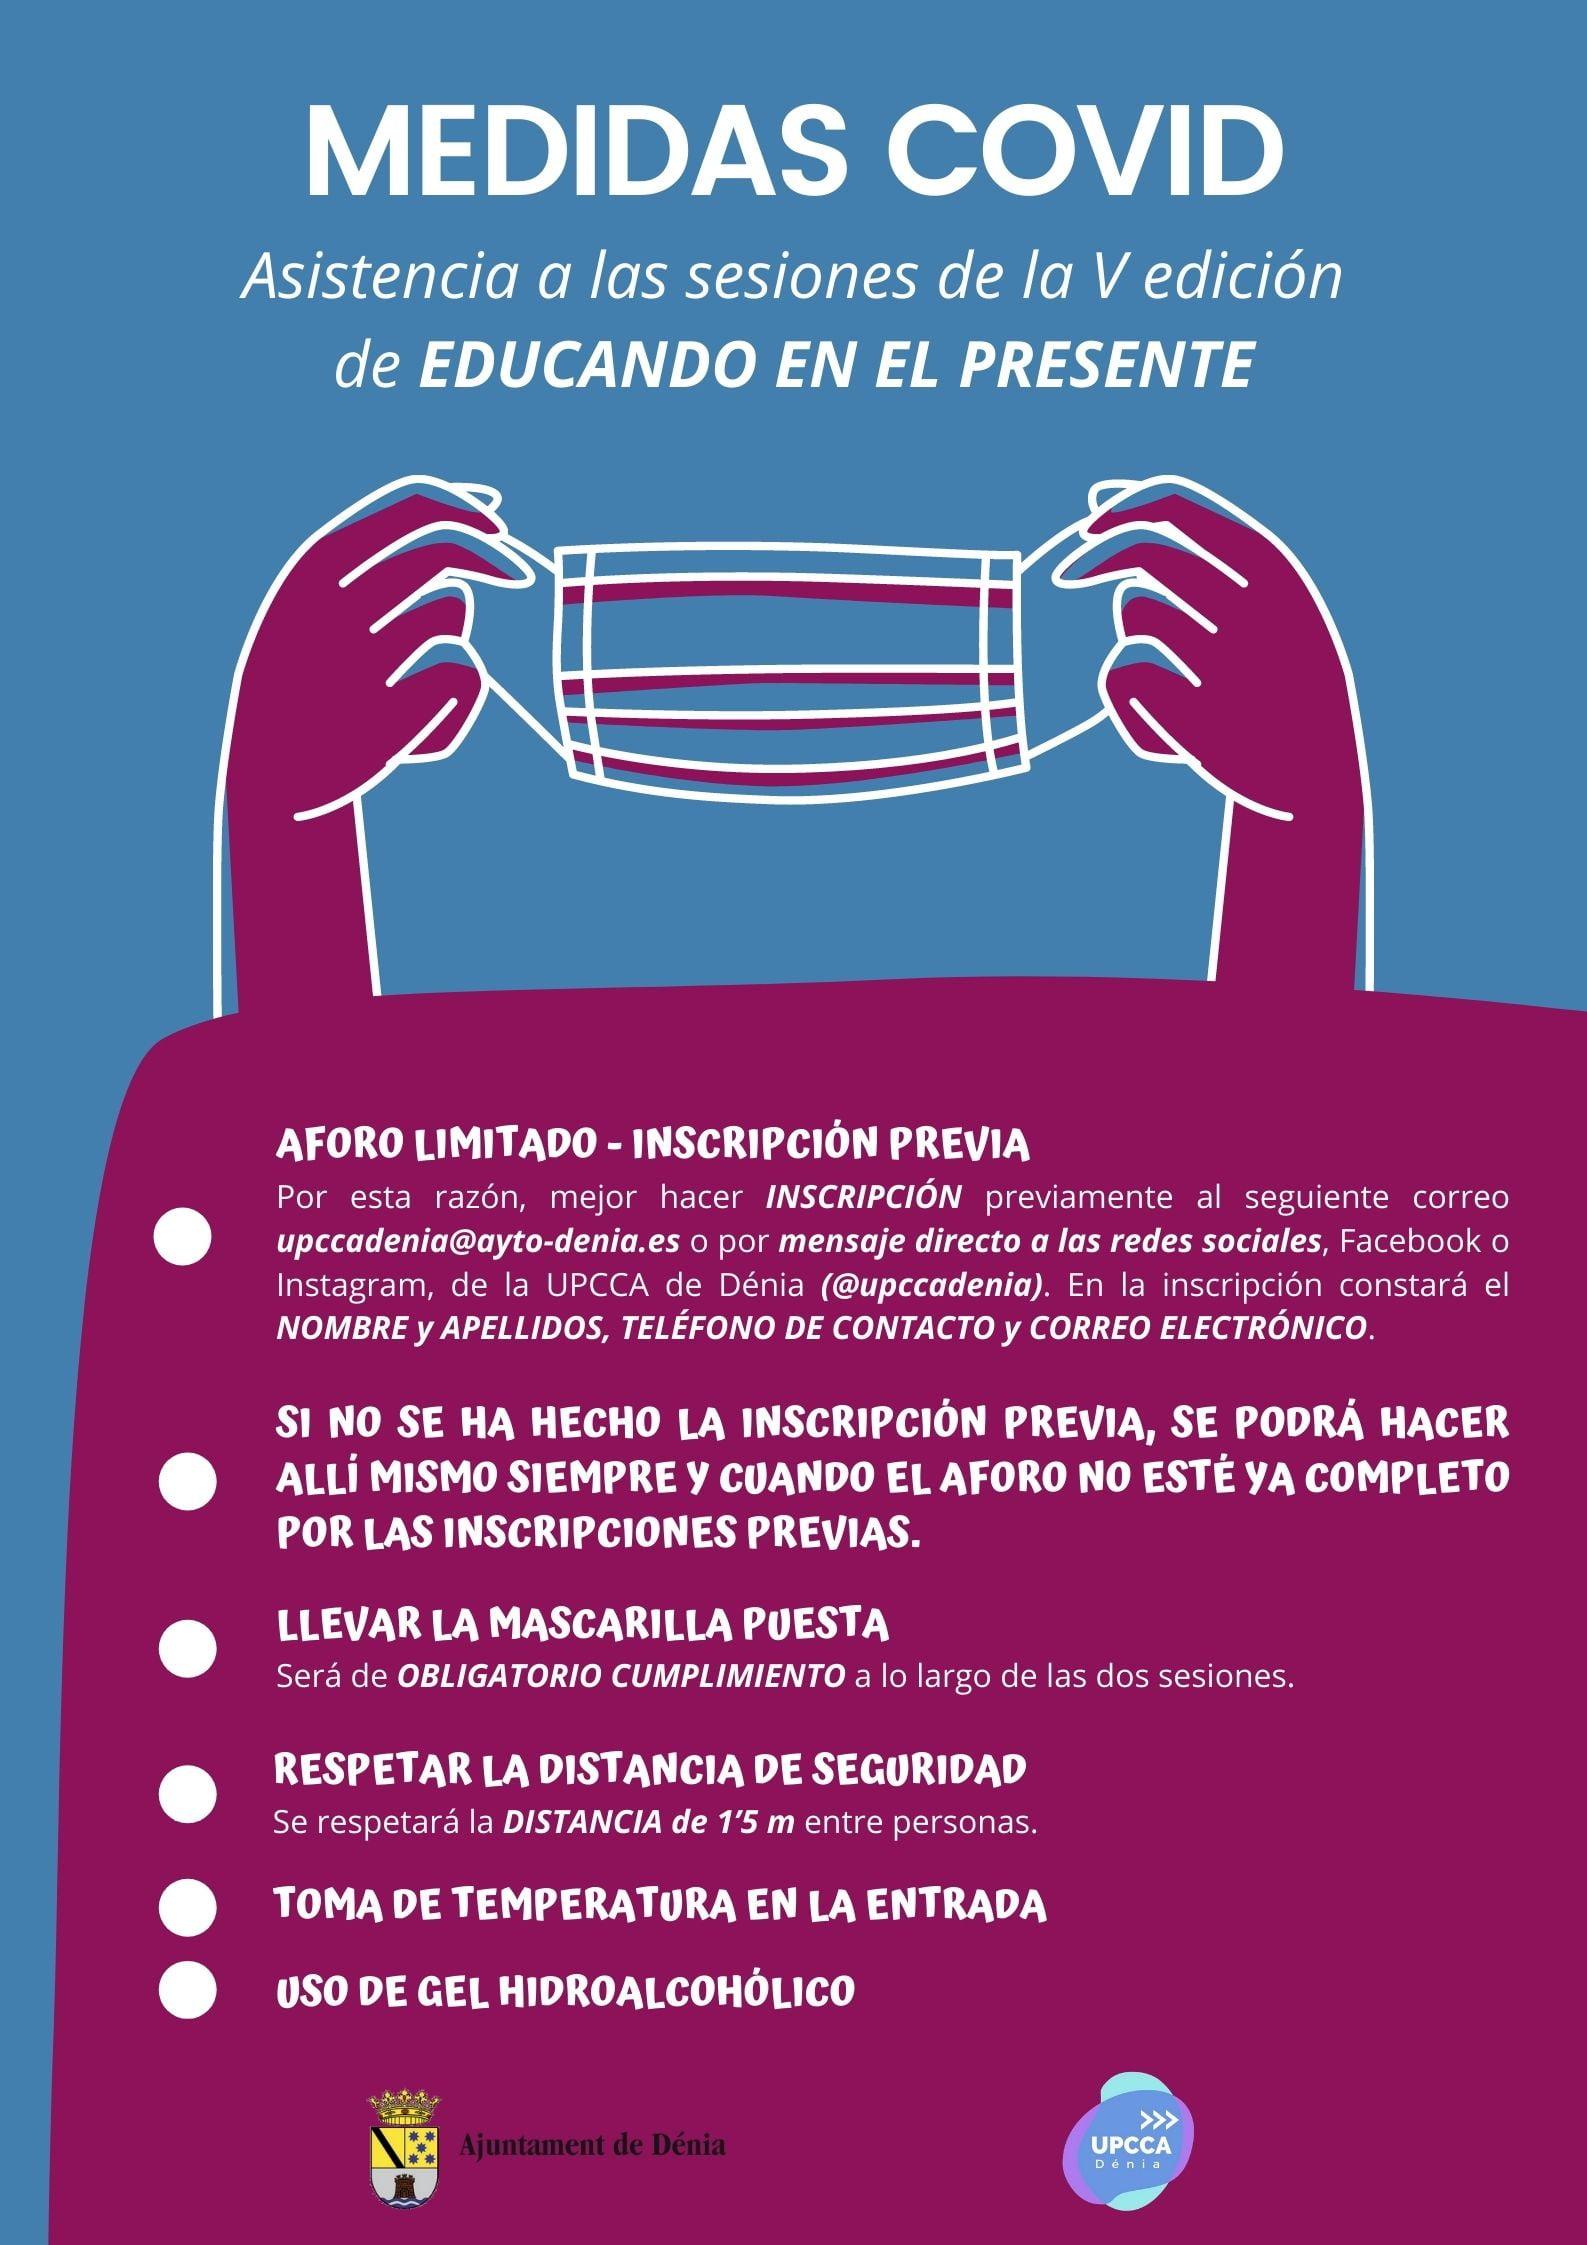 Medidas de seguridad de Educando en el presente